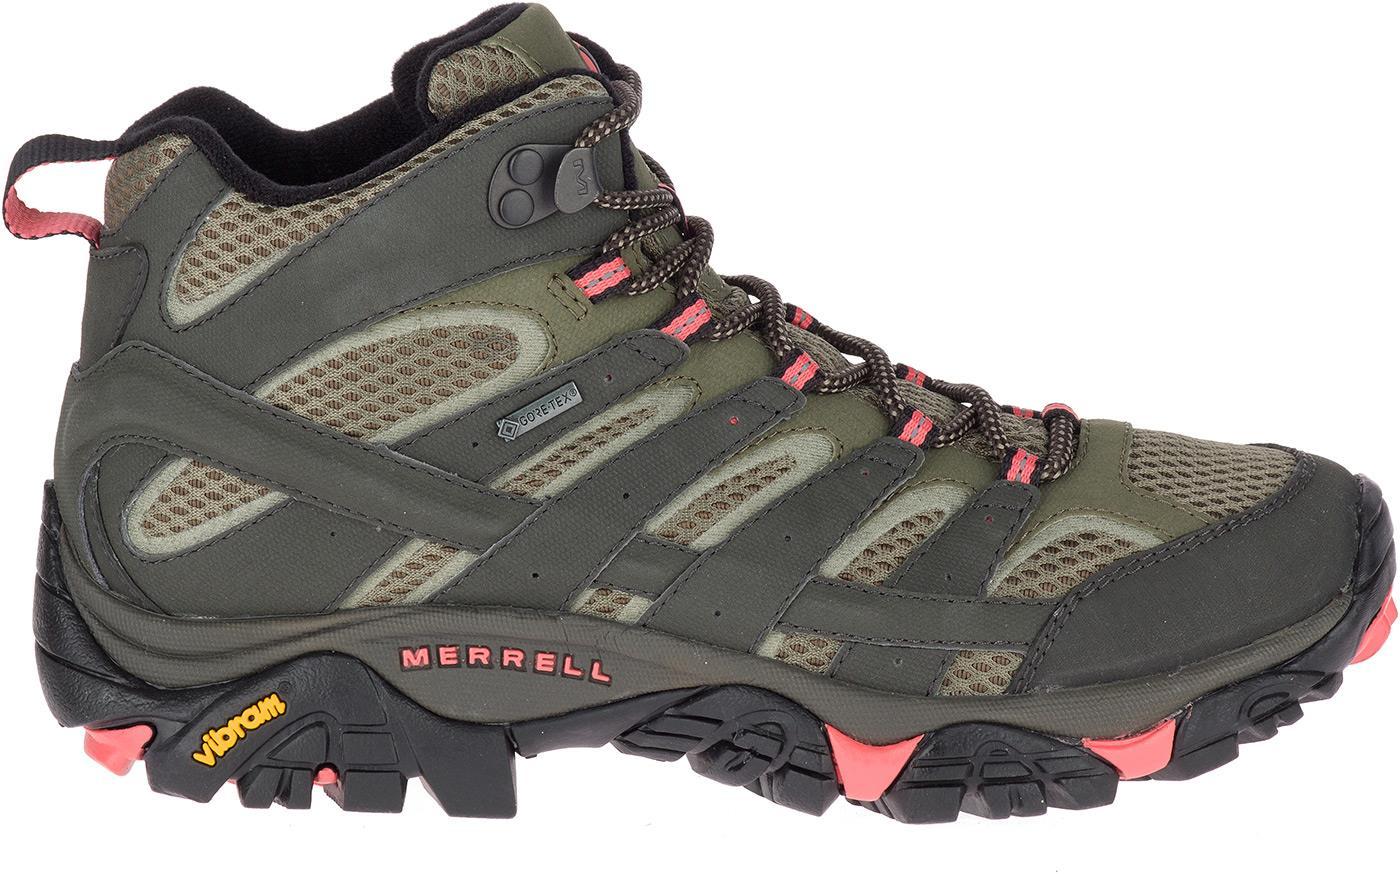 Merrel Moab 2 MID GTX Bayan Outdoor Ayakkabısı J41094